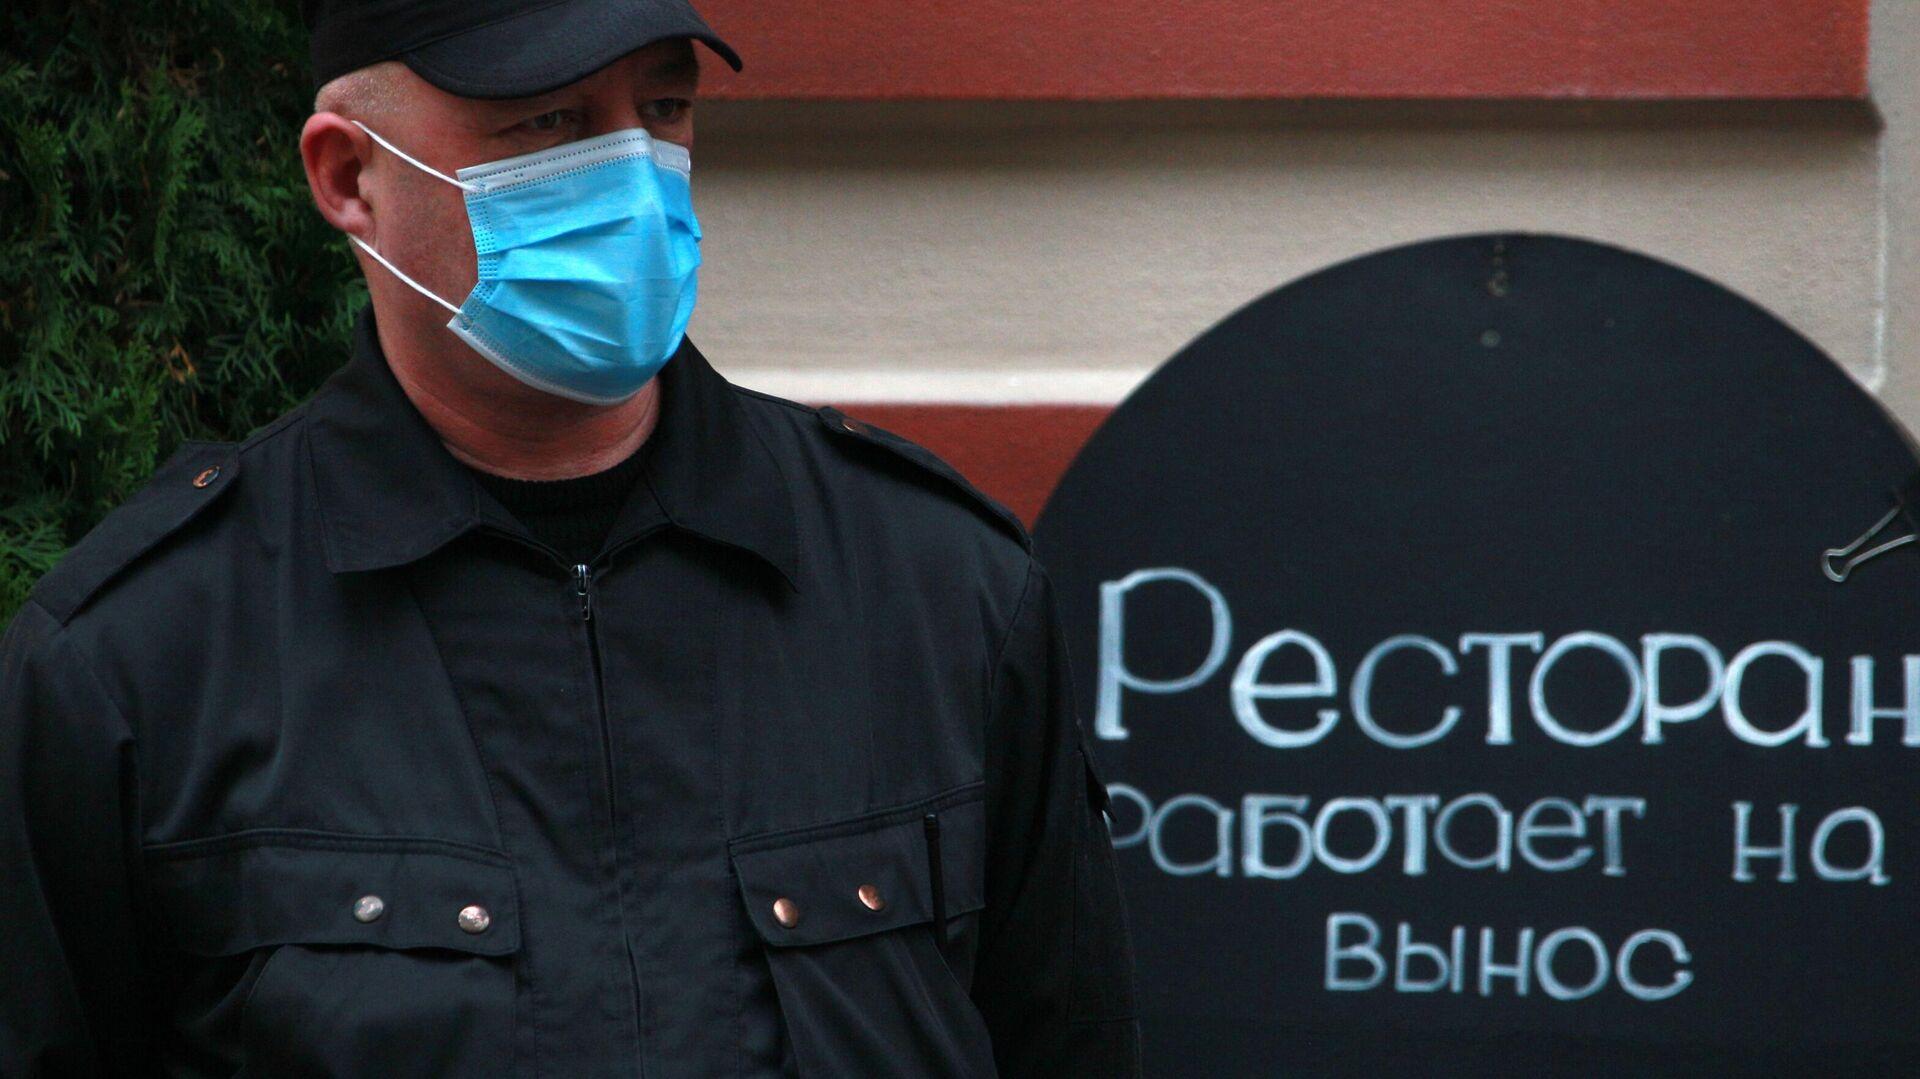 Сотрудник охраны в медицинской маске на улице Арбат в Москве - РИА Новости, 1920, 27.10.2020